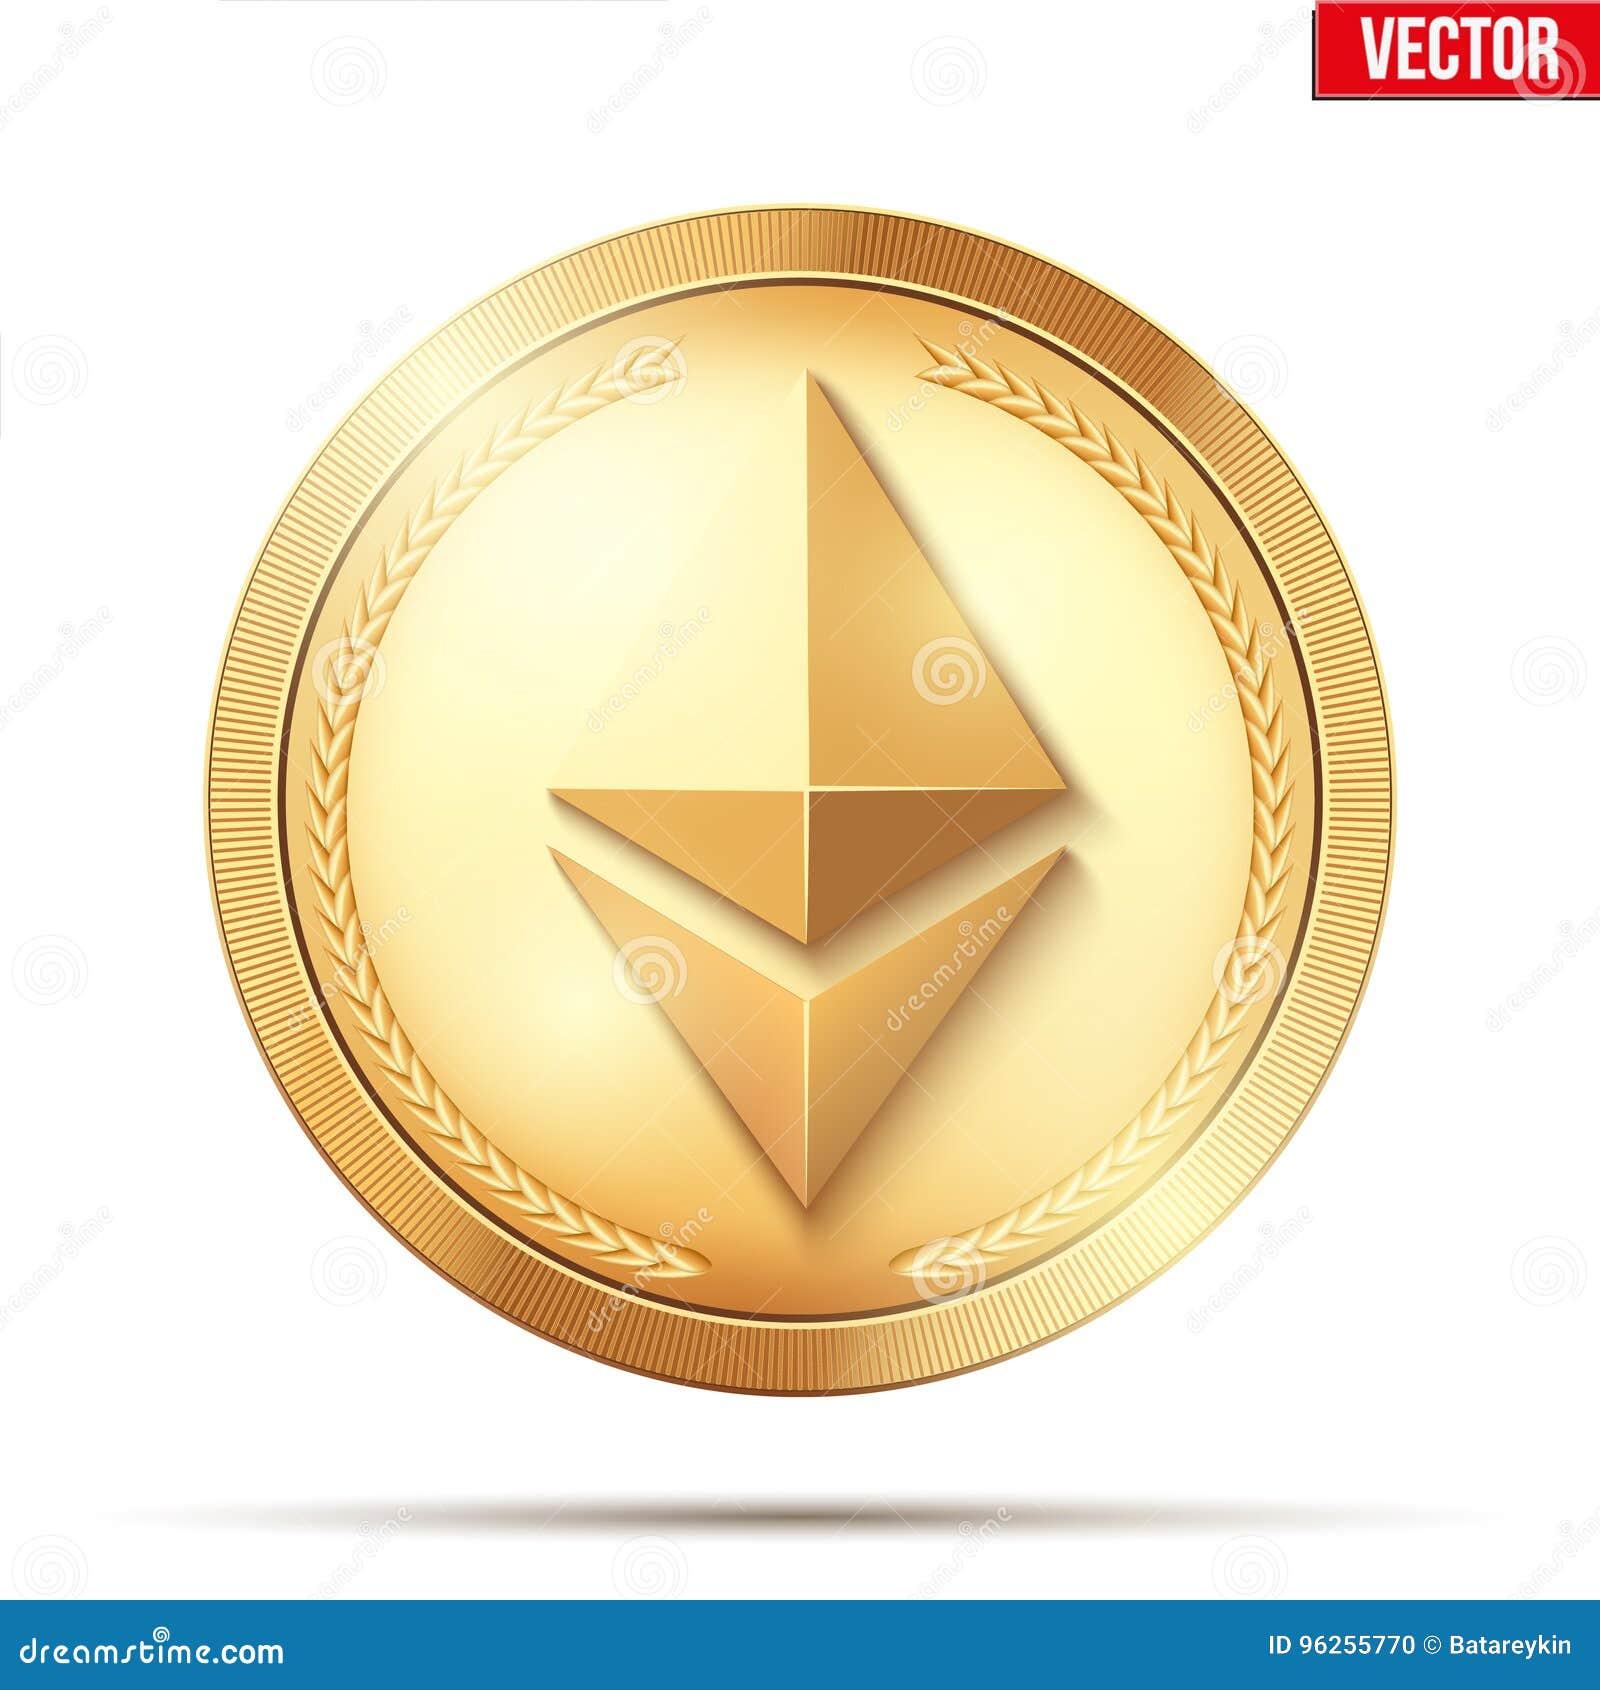 Gouden muntstuk met Ethereum-teken